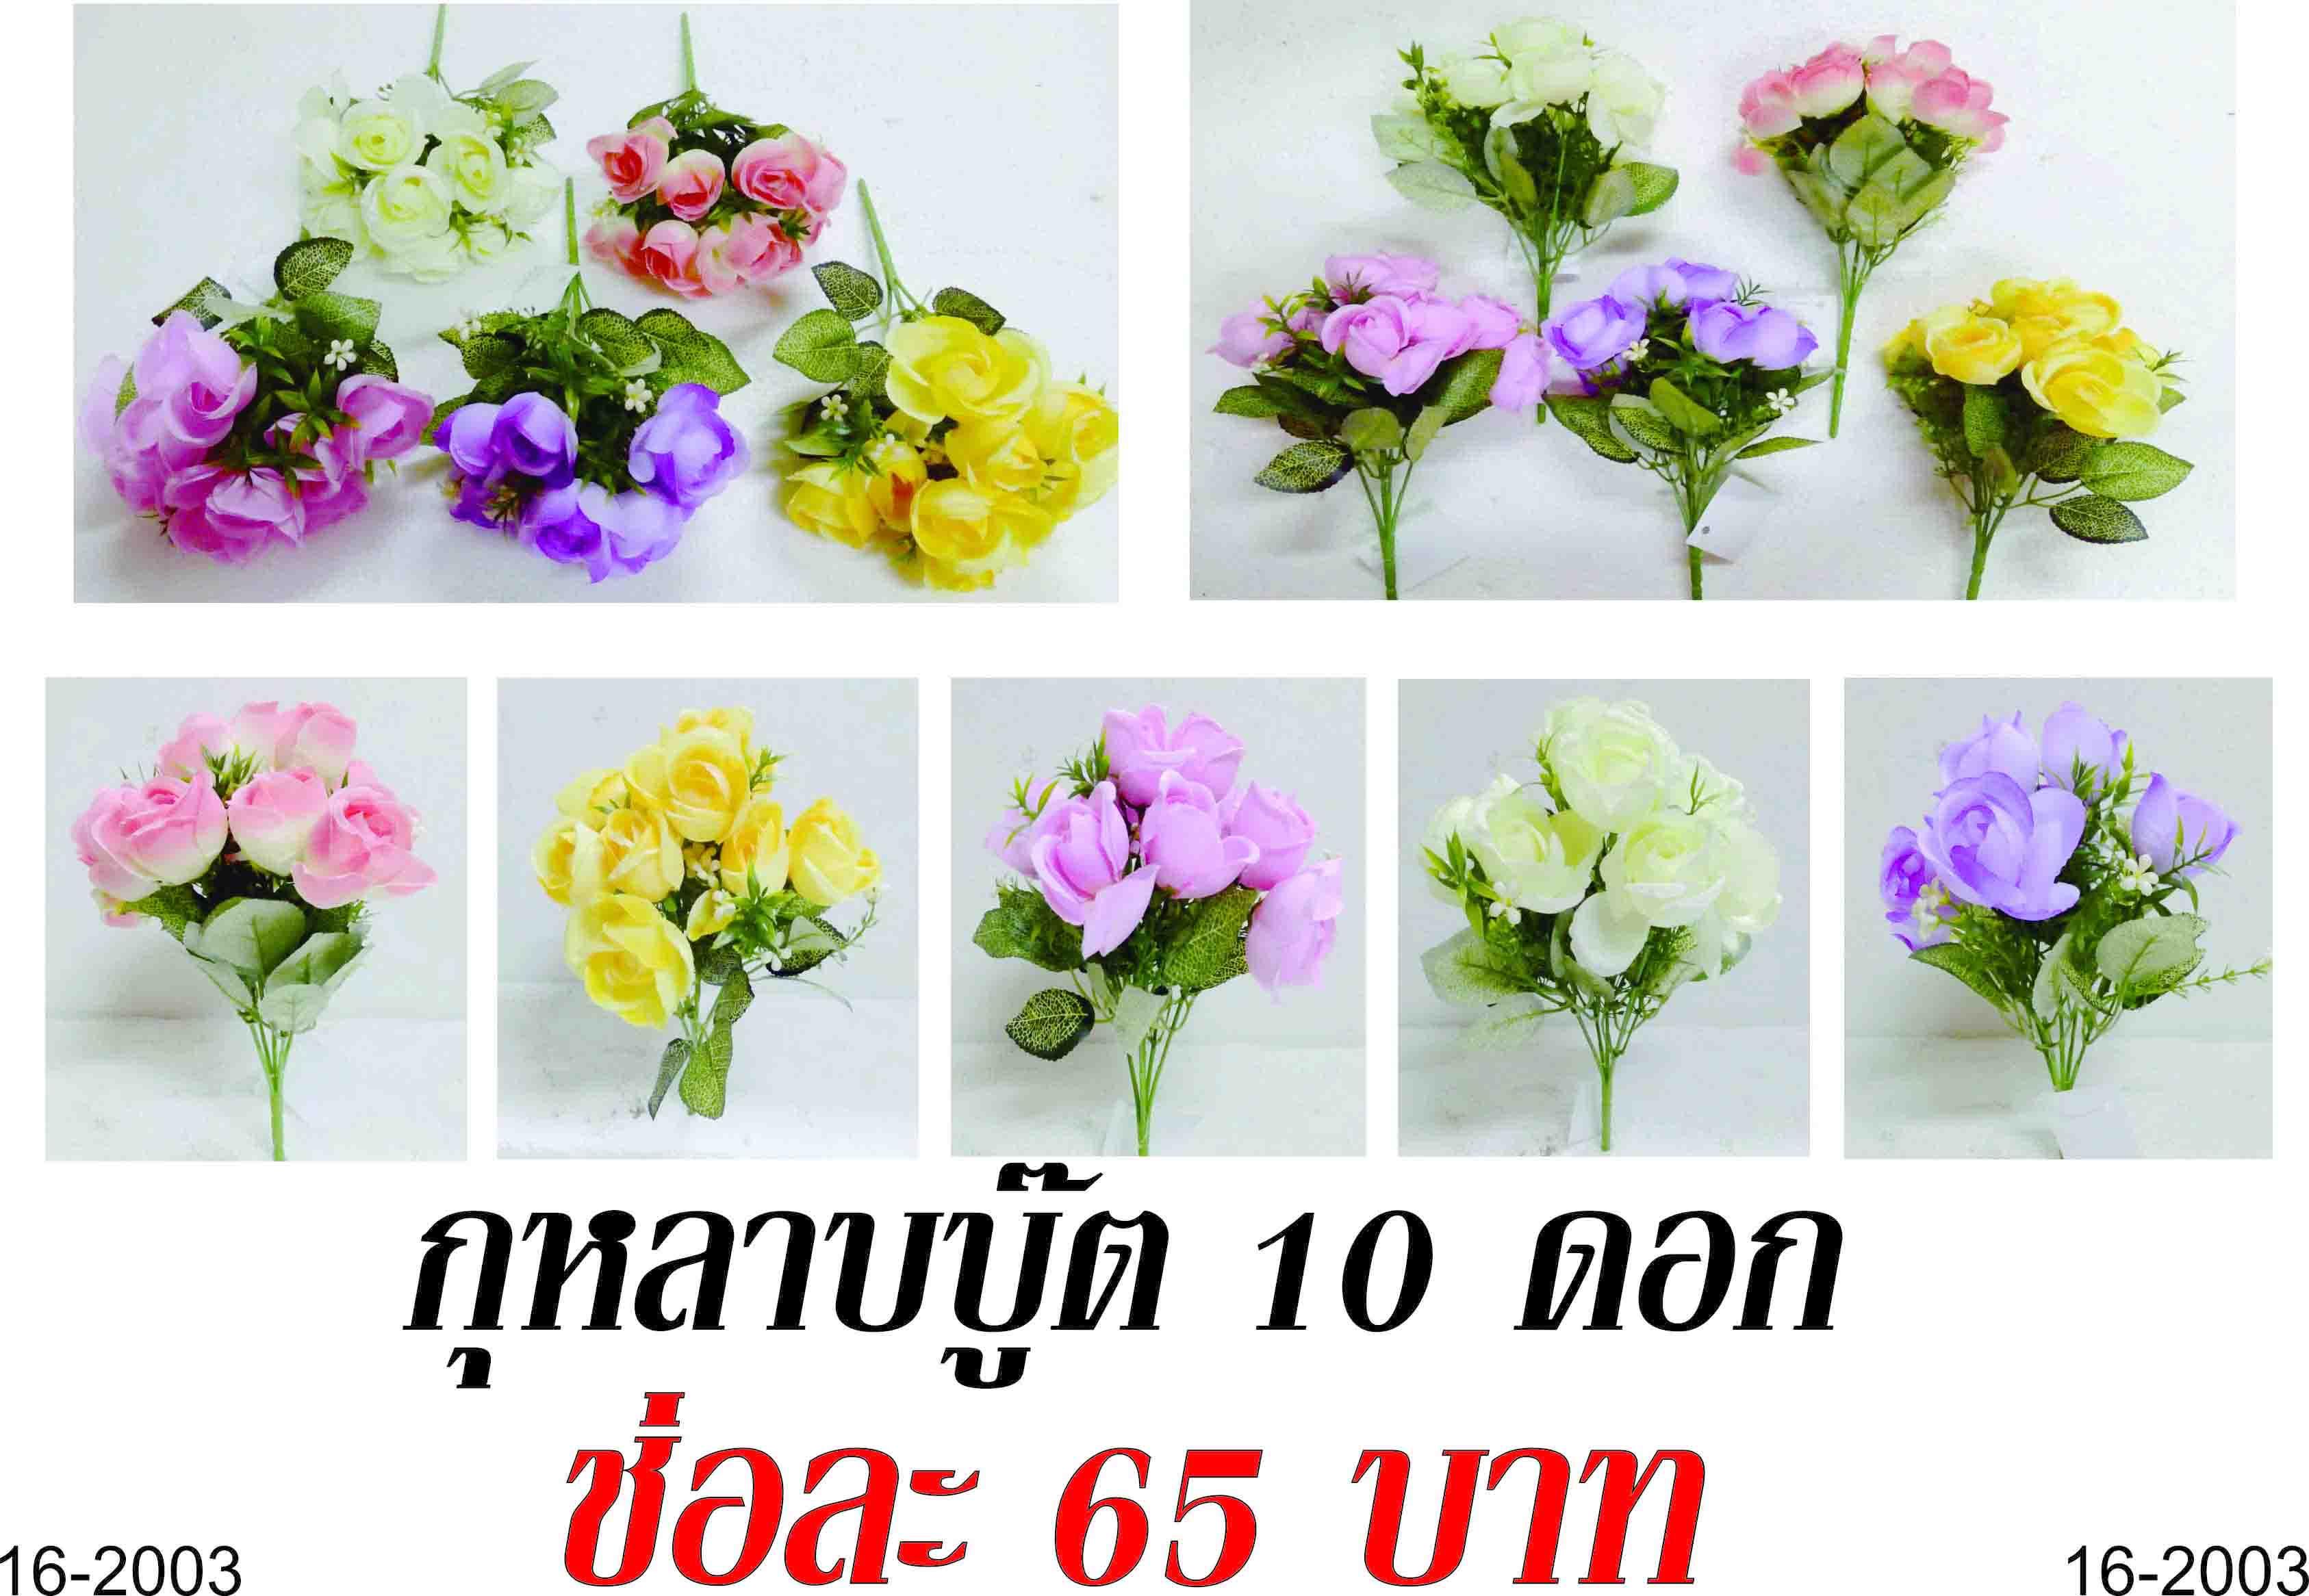 กุหลาบบู๊ต 10 ดอก